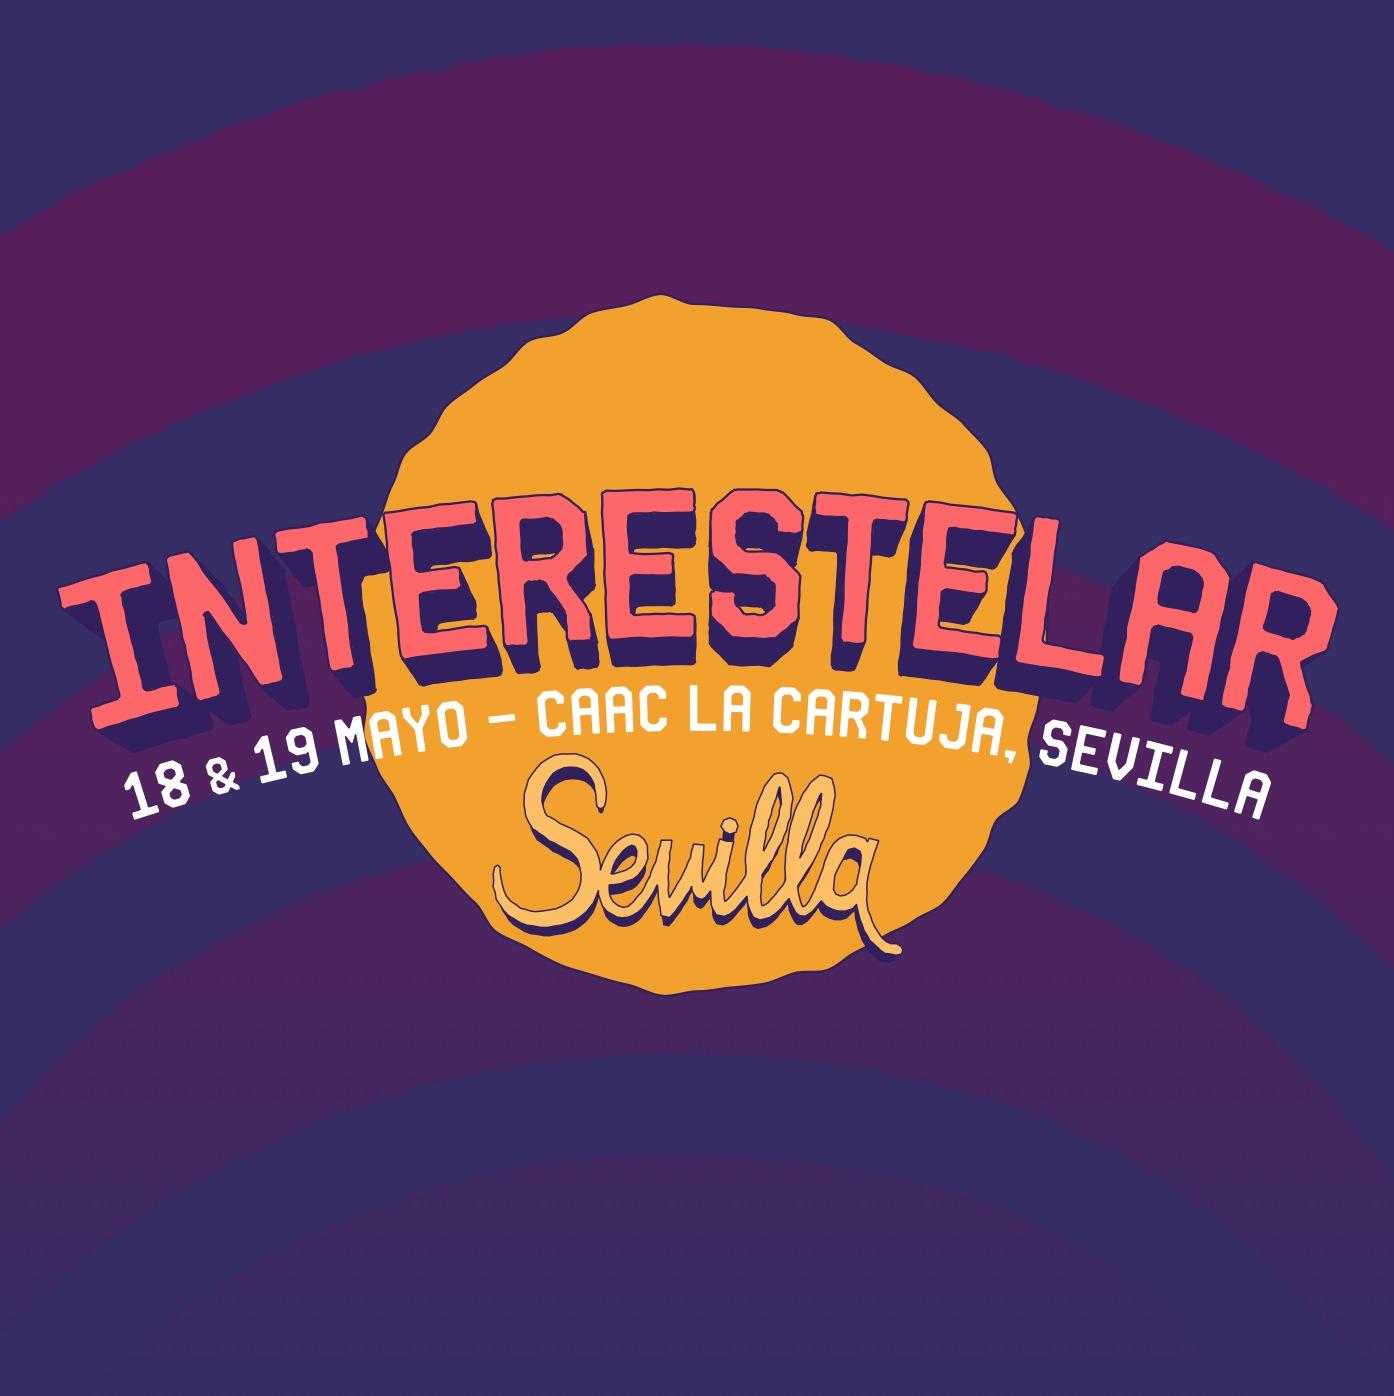 Interestelar Sevilla 2018